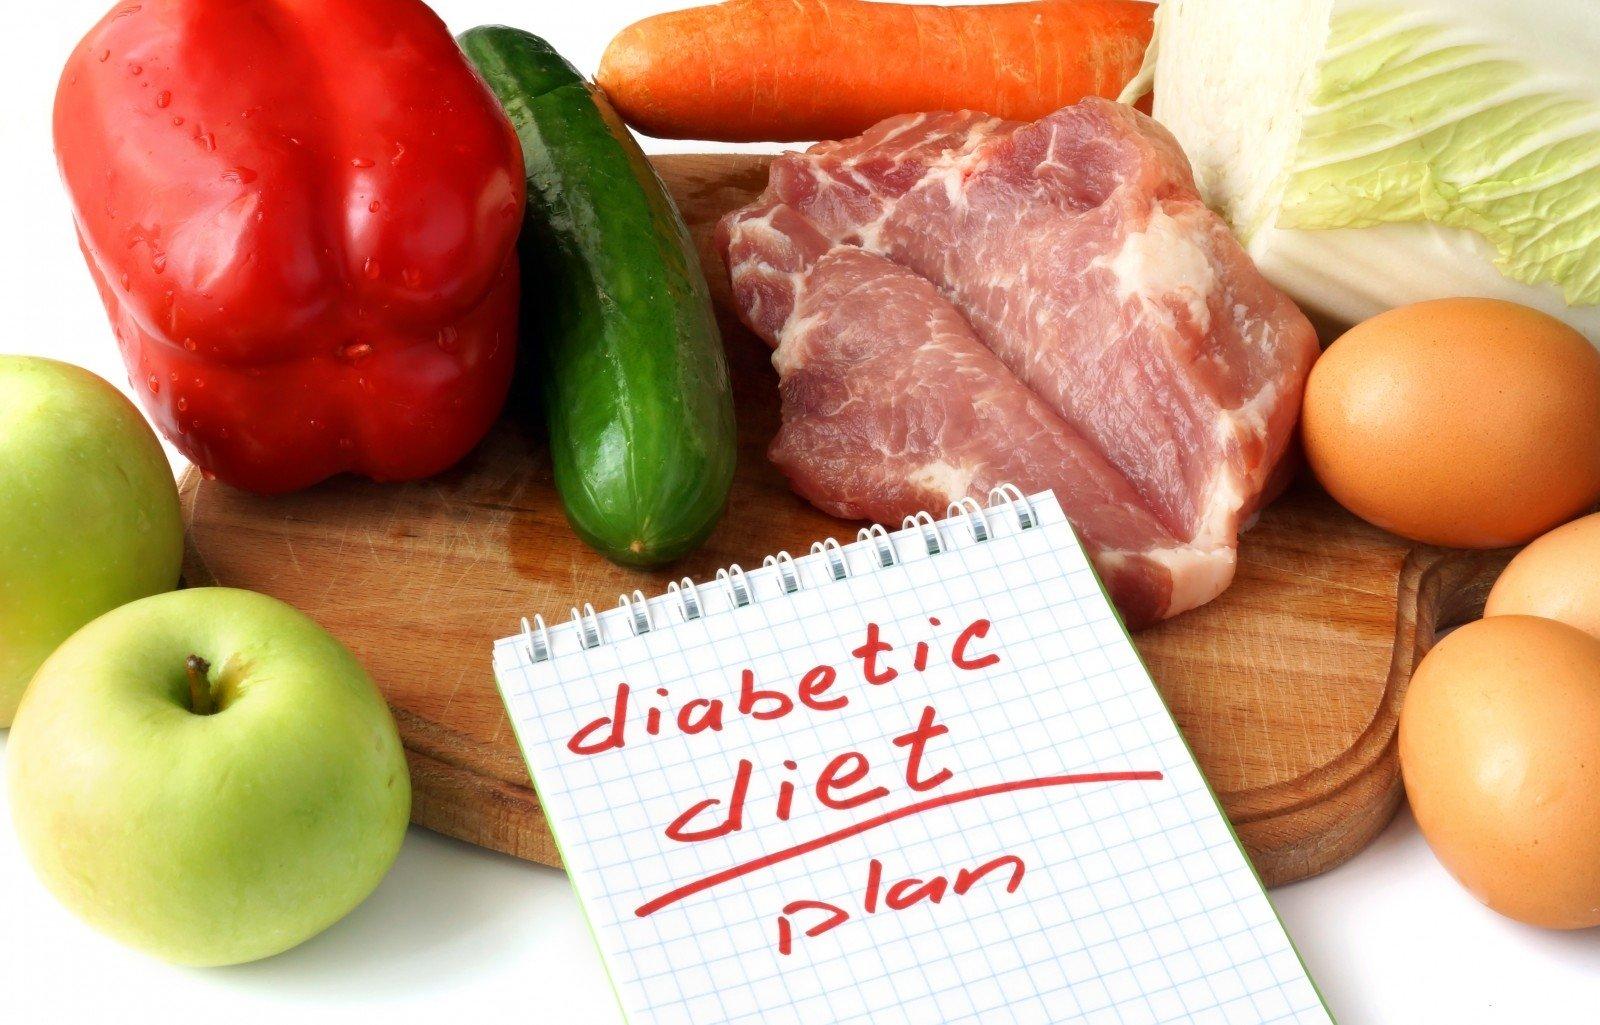 maisto produktų, kurių negalima valgyti sergant hipertenzija kaip vartoti diuretiką nuo hipertenzijos